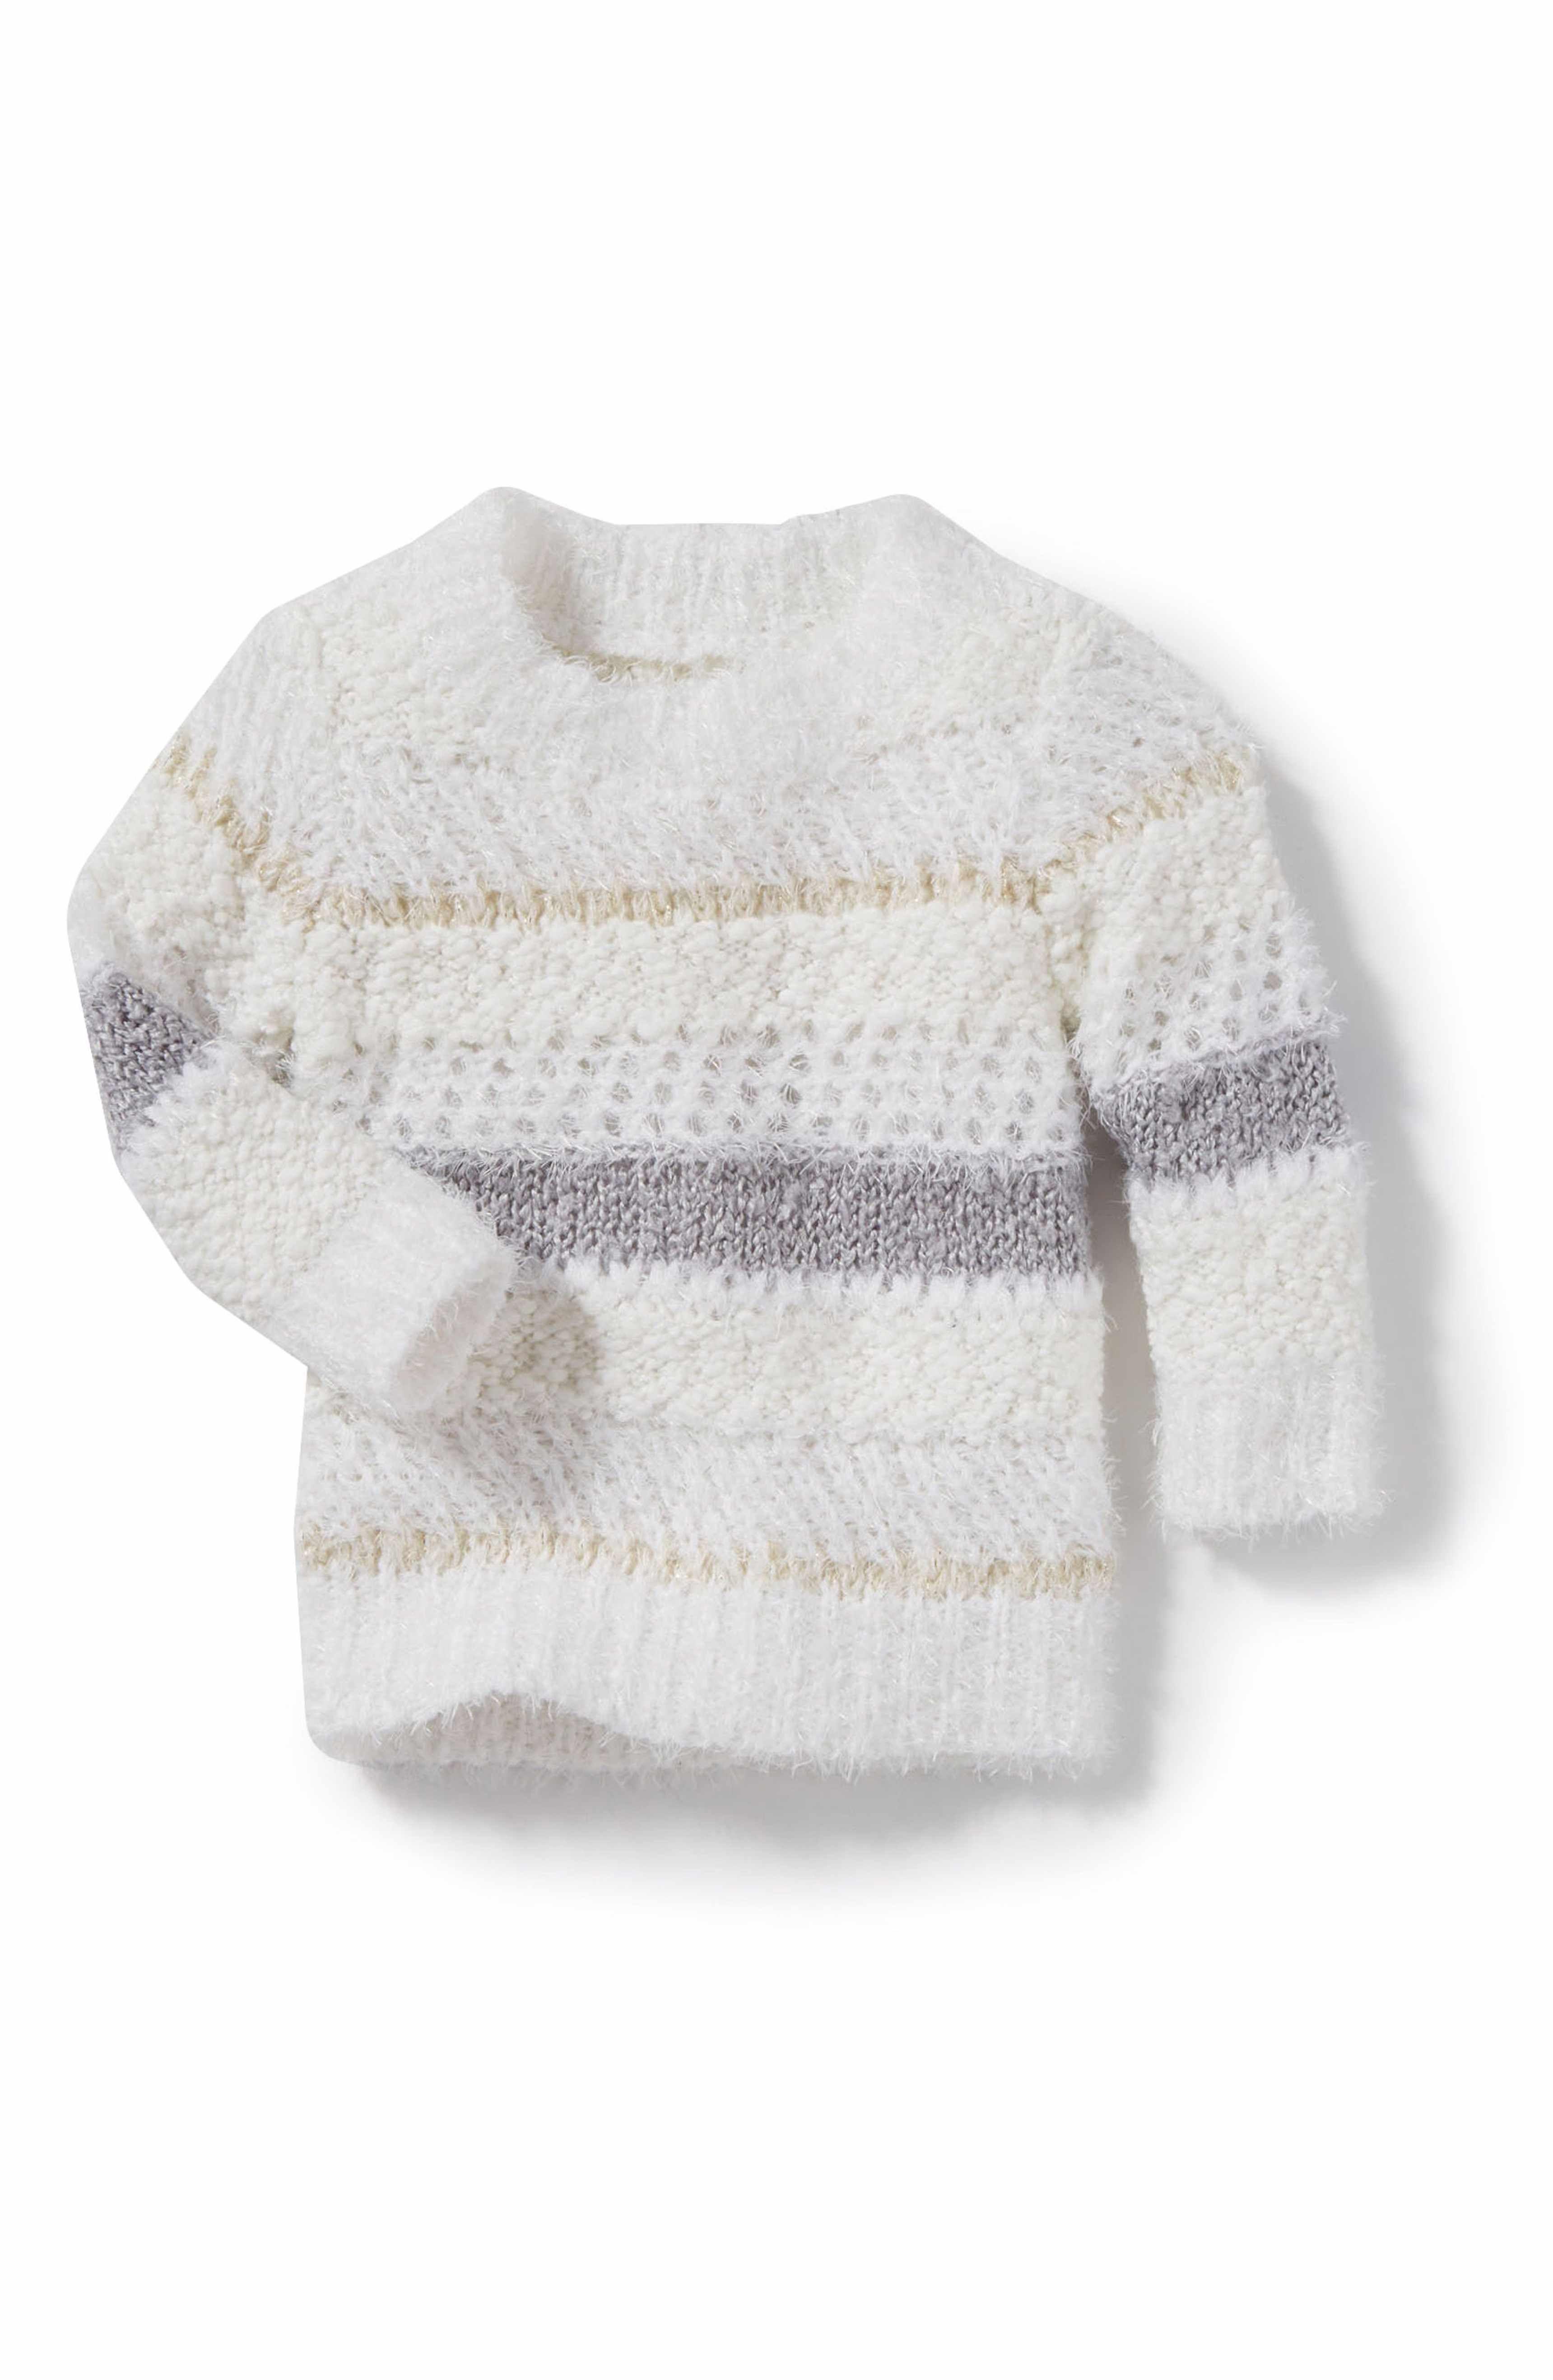 Main Image Peek Hailey Sweater Baby Girls